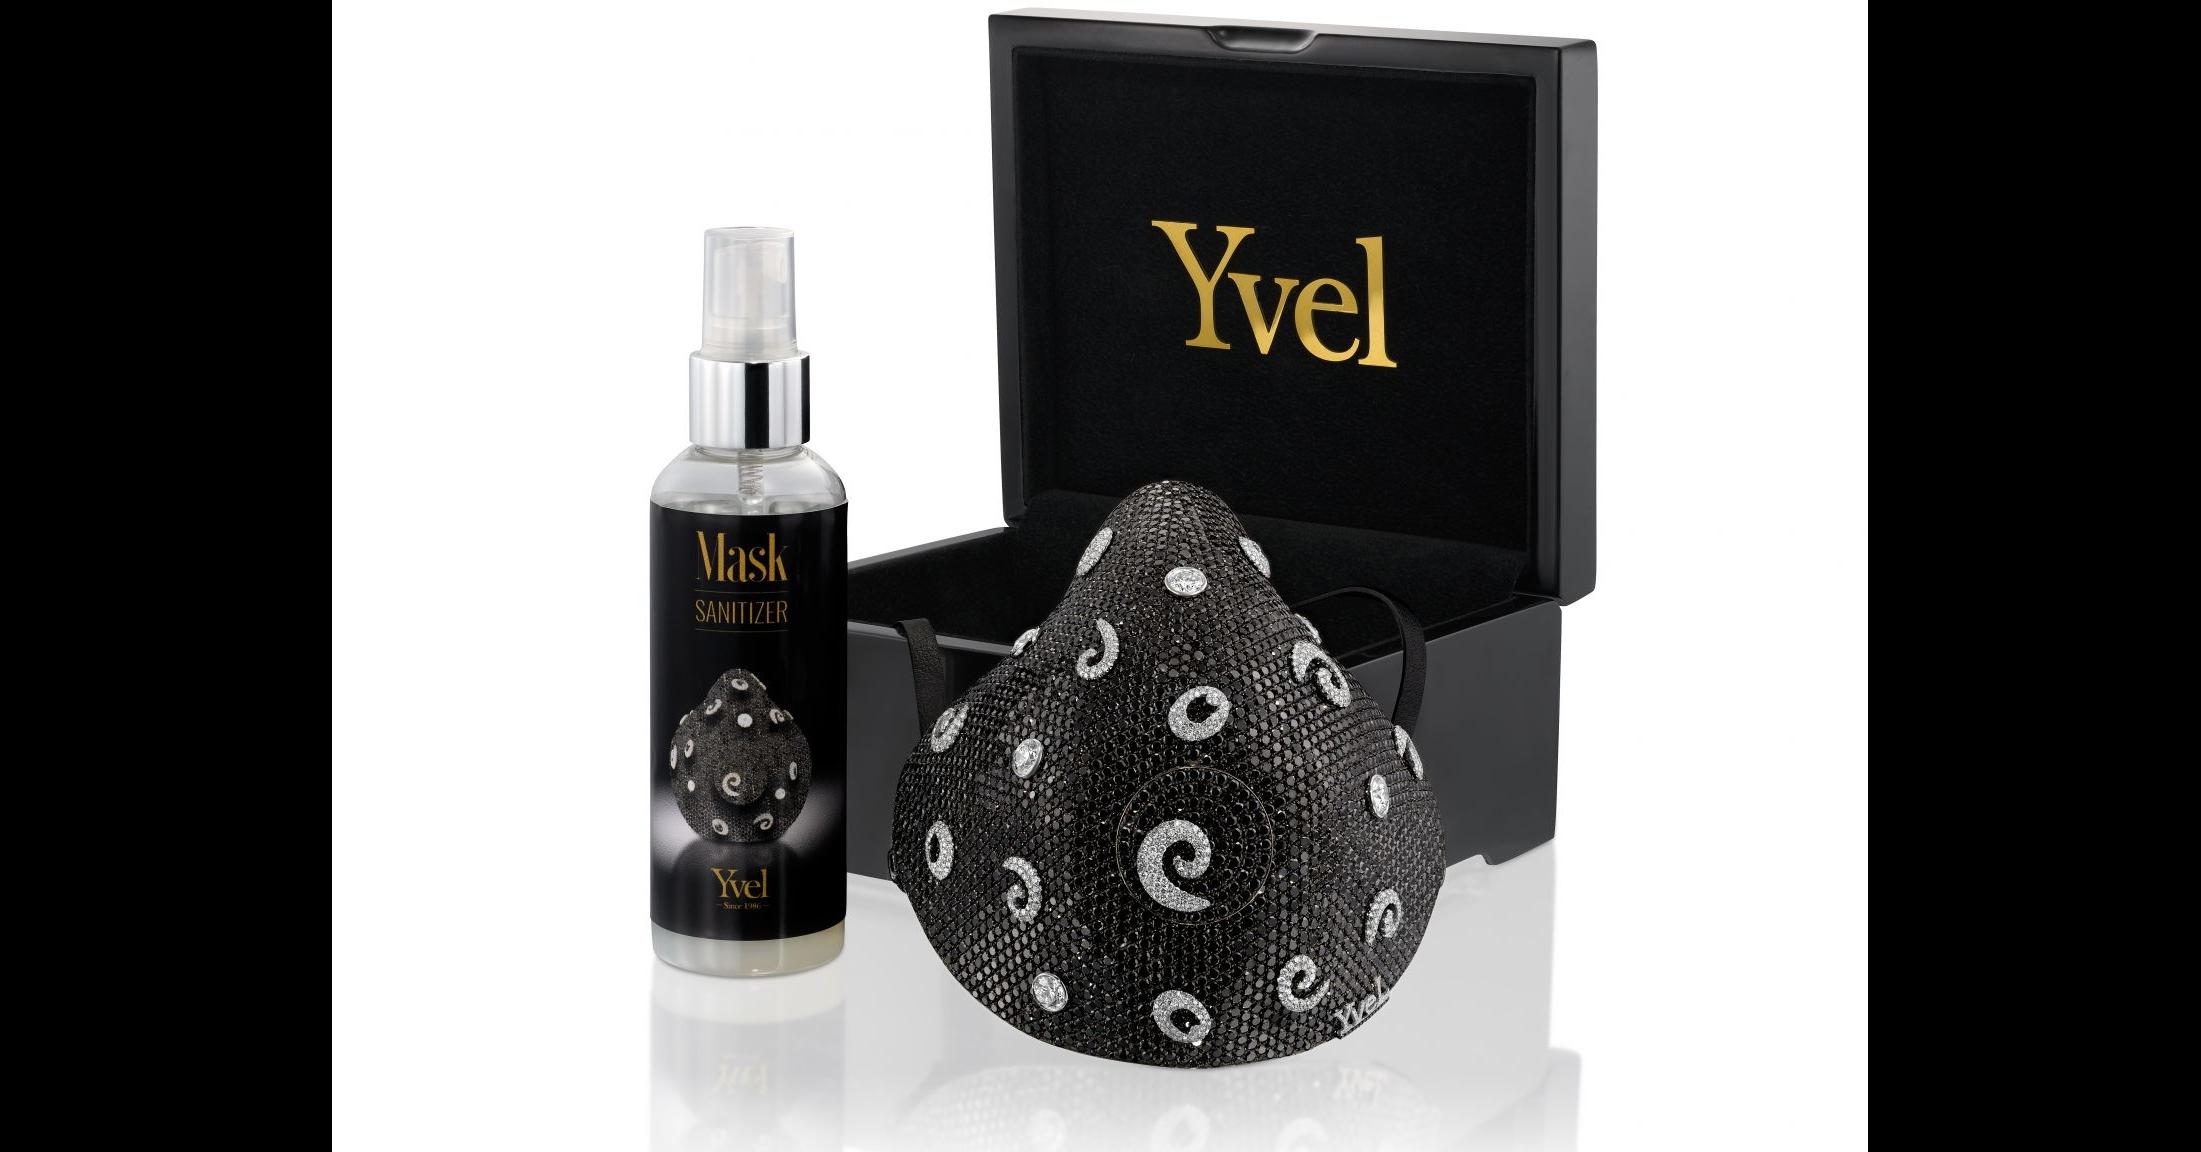 照片中提到了Yvel、Mask、SANITIZER,跟YVEL有關,包含了面具、面具、面具、時尚遇見面具、冠狀病毒病2019